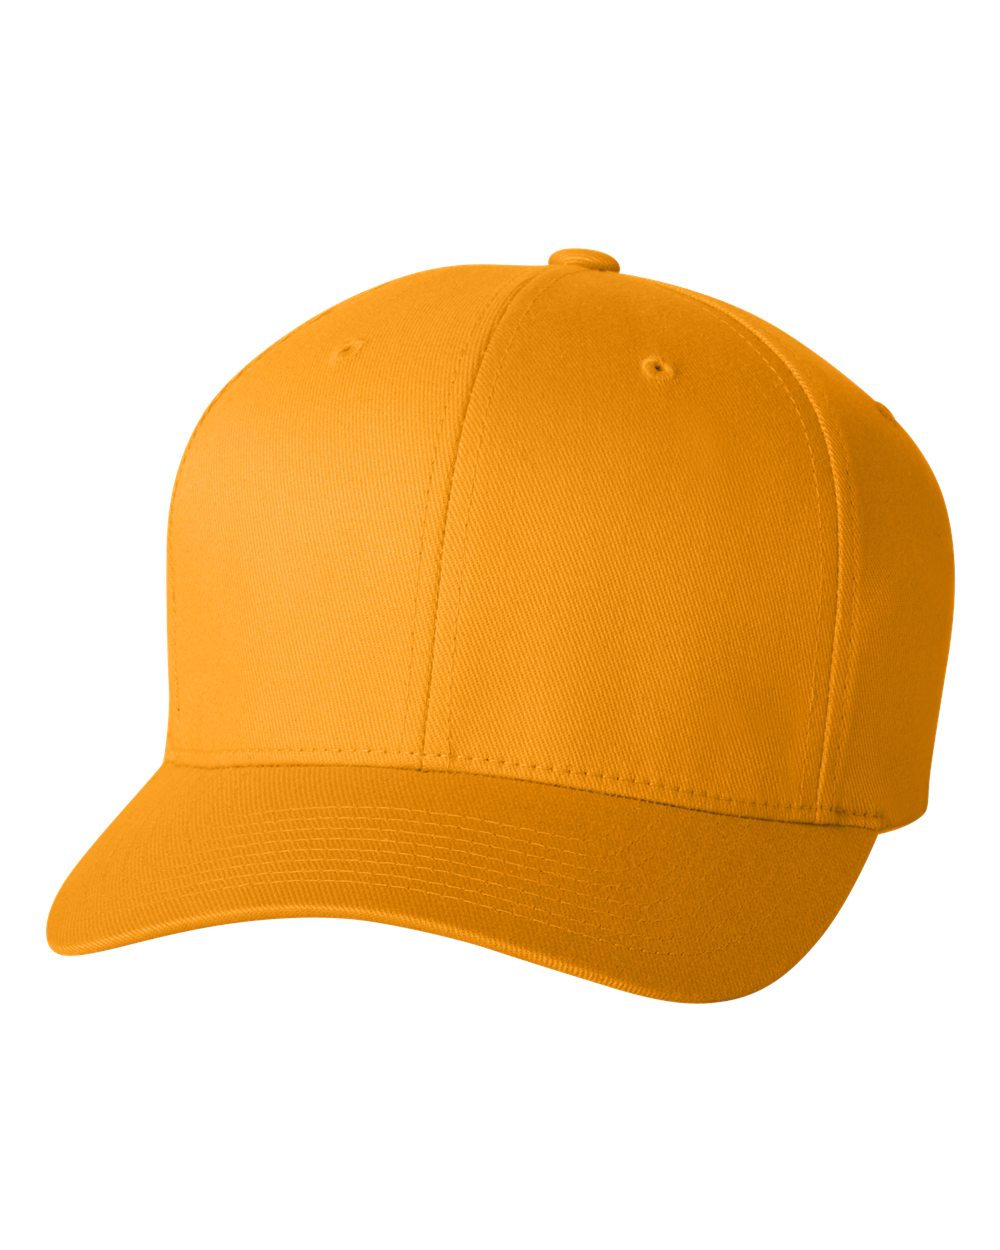 Flexfit 6277 - Twill Cap